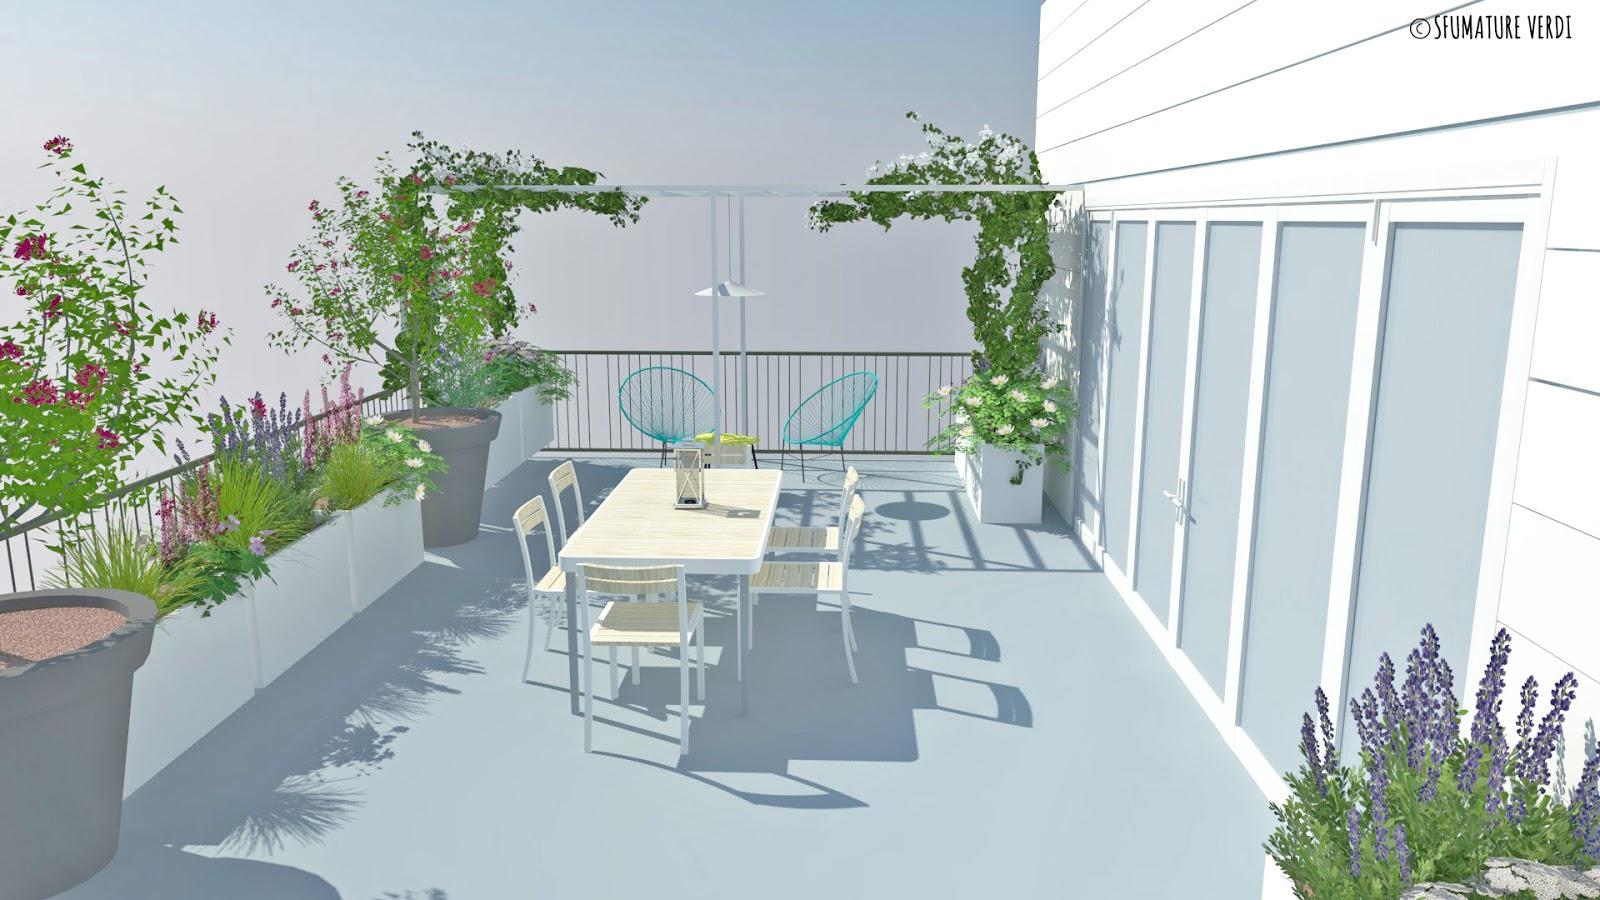 Terrazzo tra fiori e relax | sfumature verdi